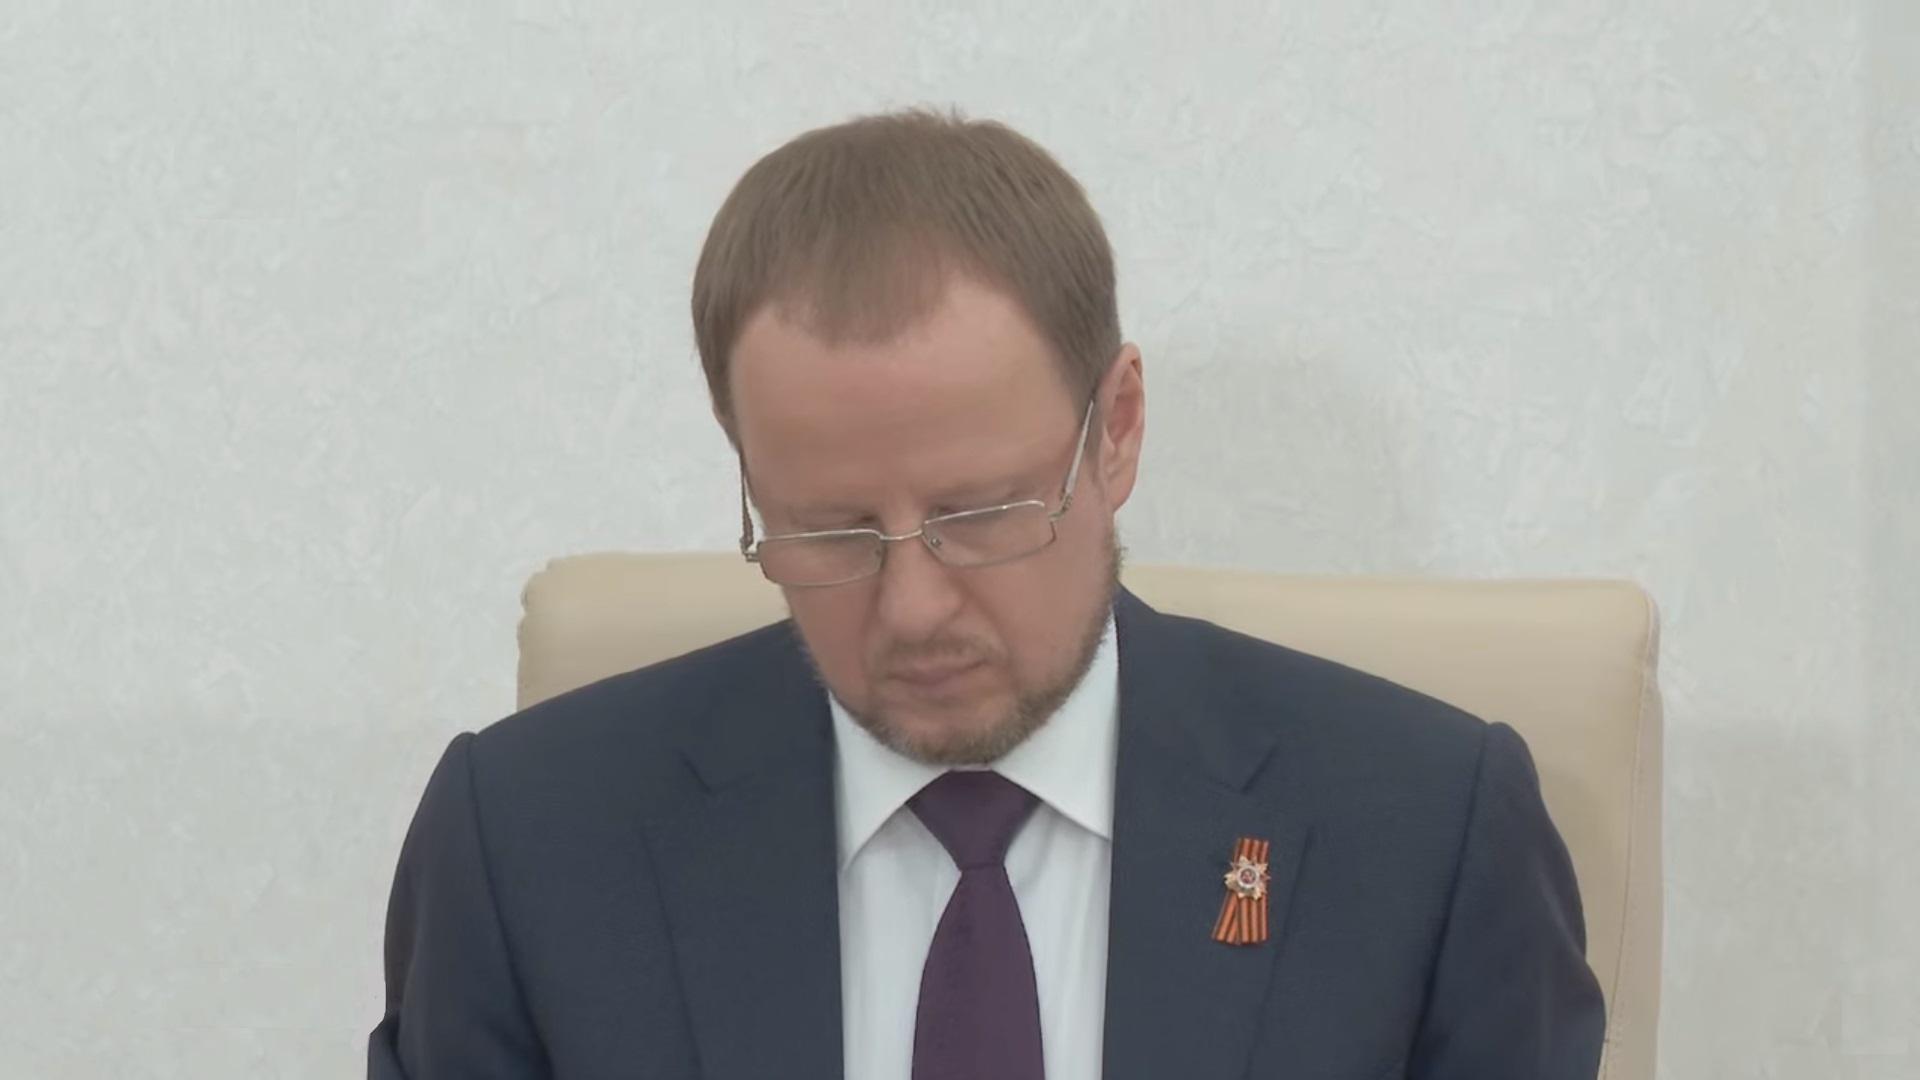 Губернатор края Виктор Томенко представляет отчет депутатам АКЗС о результатах деятельности правительства края в 2020 году